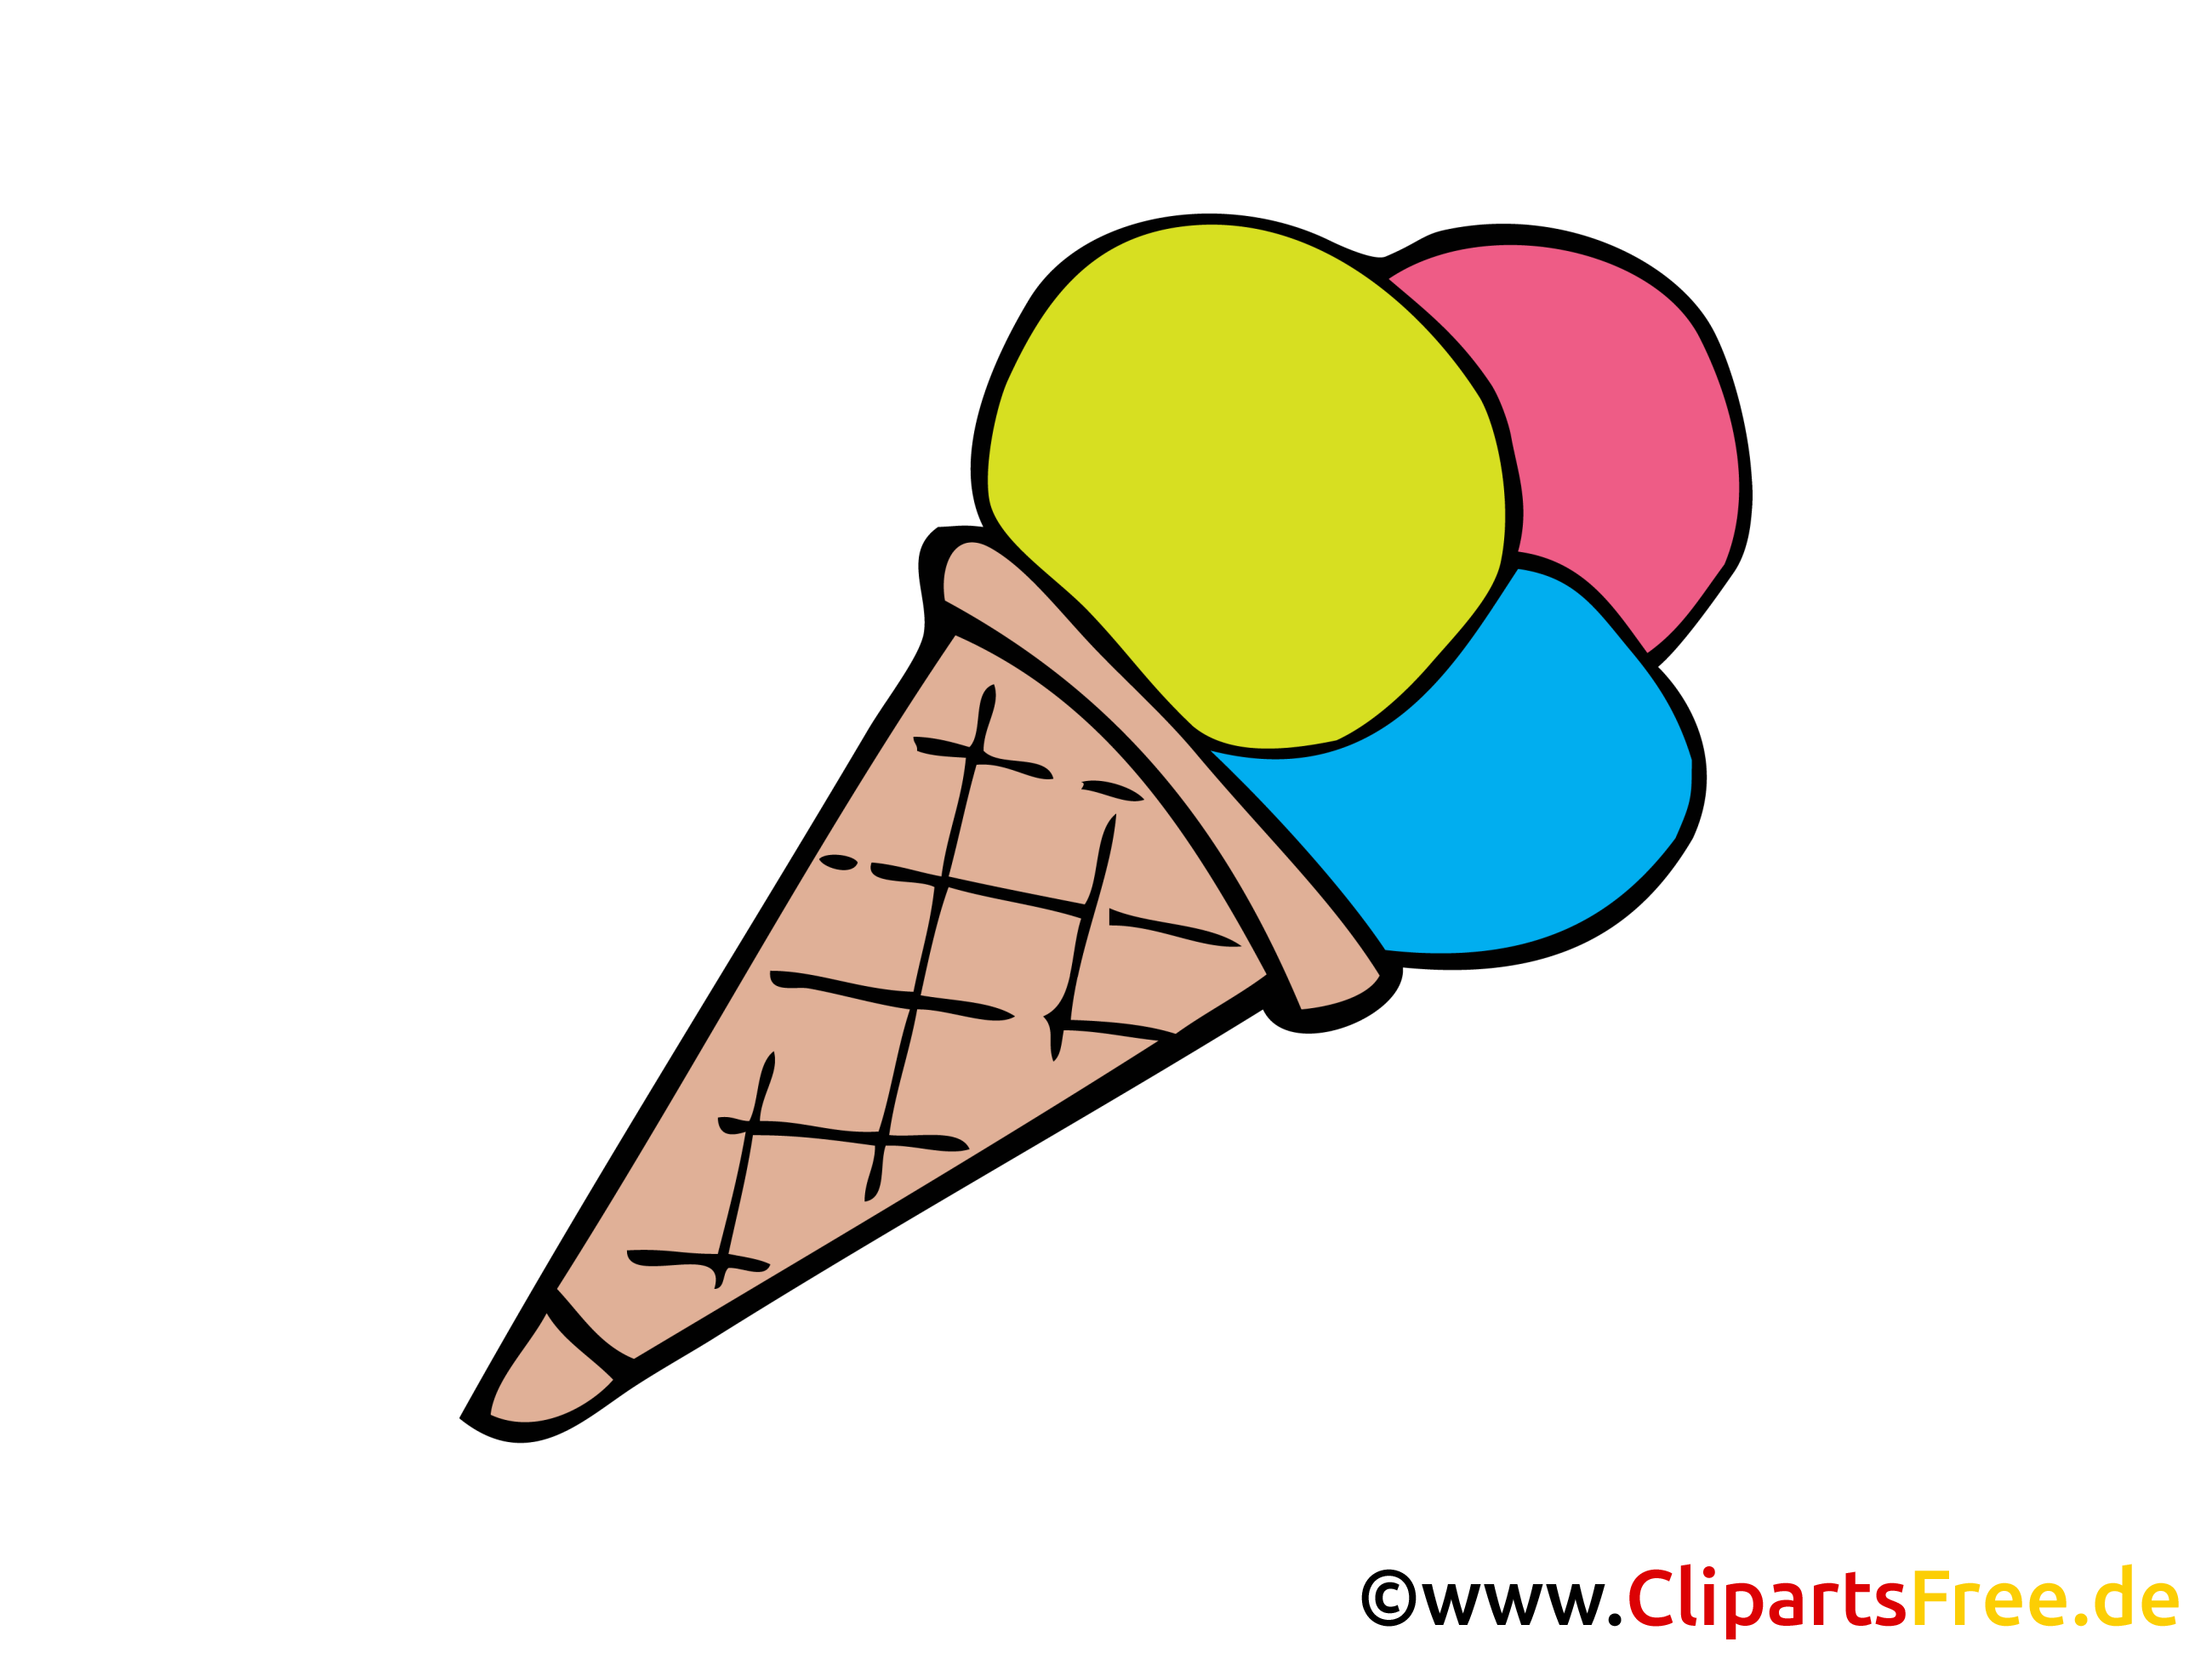 glace clipart nourriture dessins gratuits nourriture clipart marriage carriage clipart marriage heart